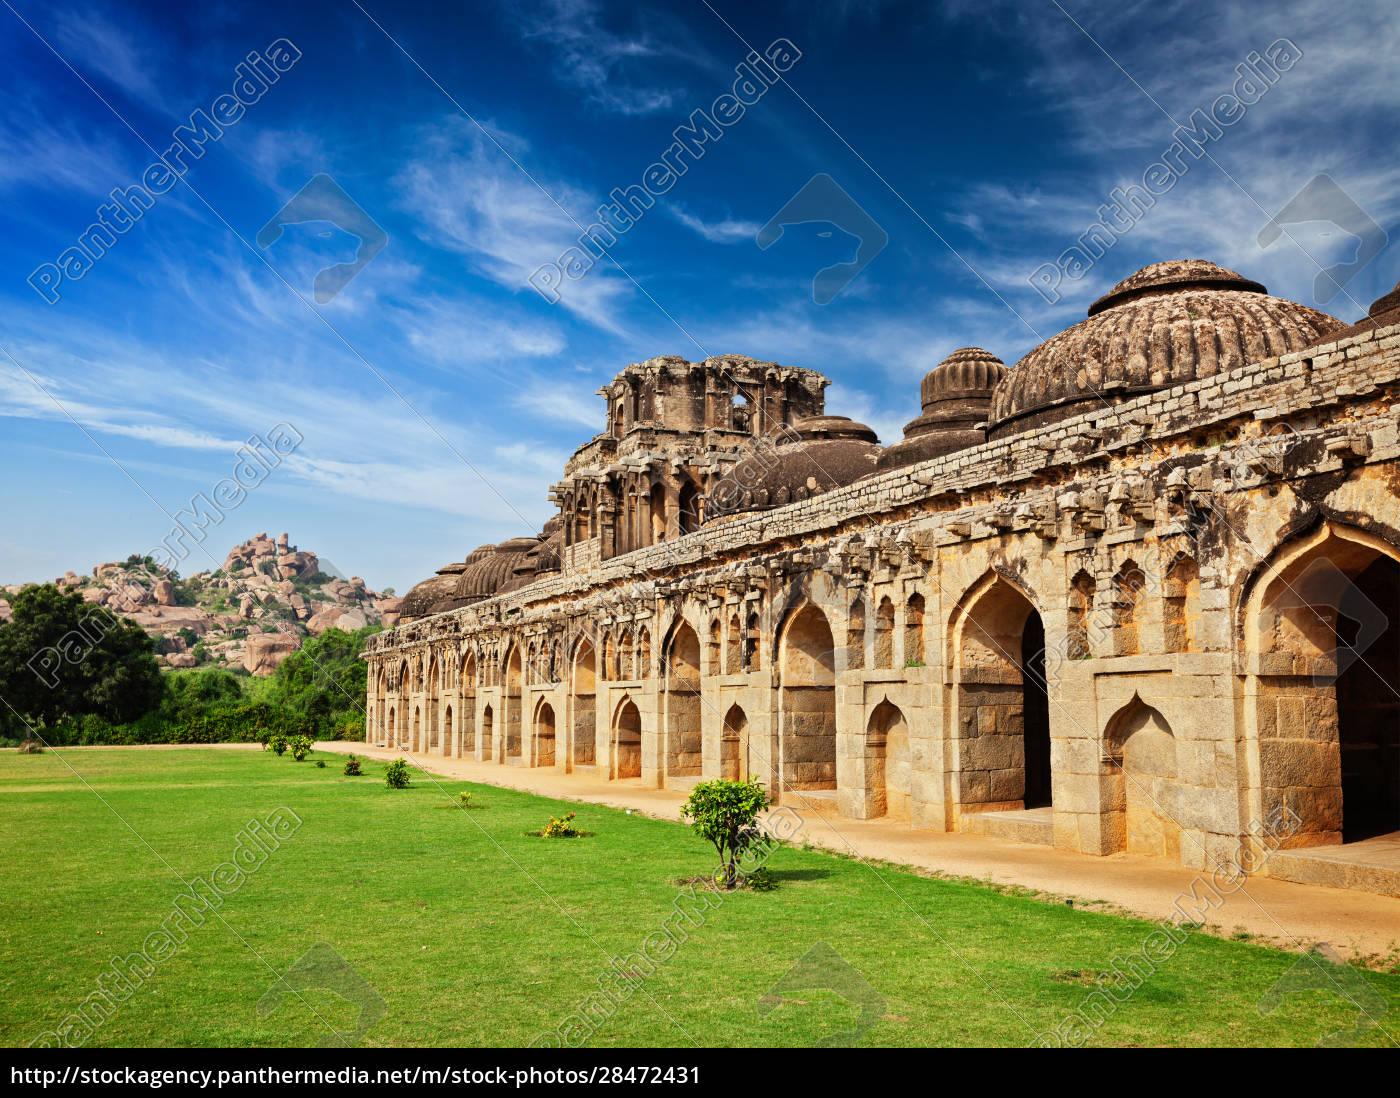 antike, ruinen, von, elefantenställen - 28472431